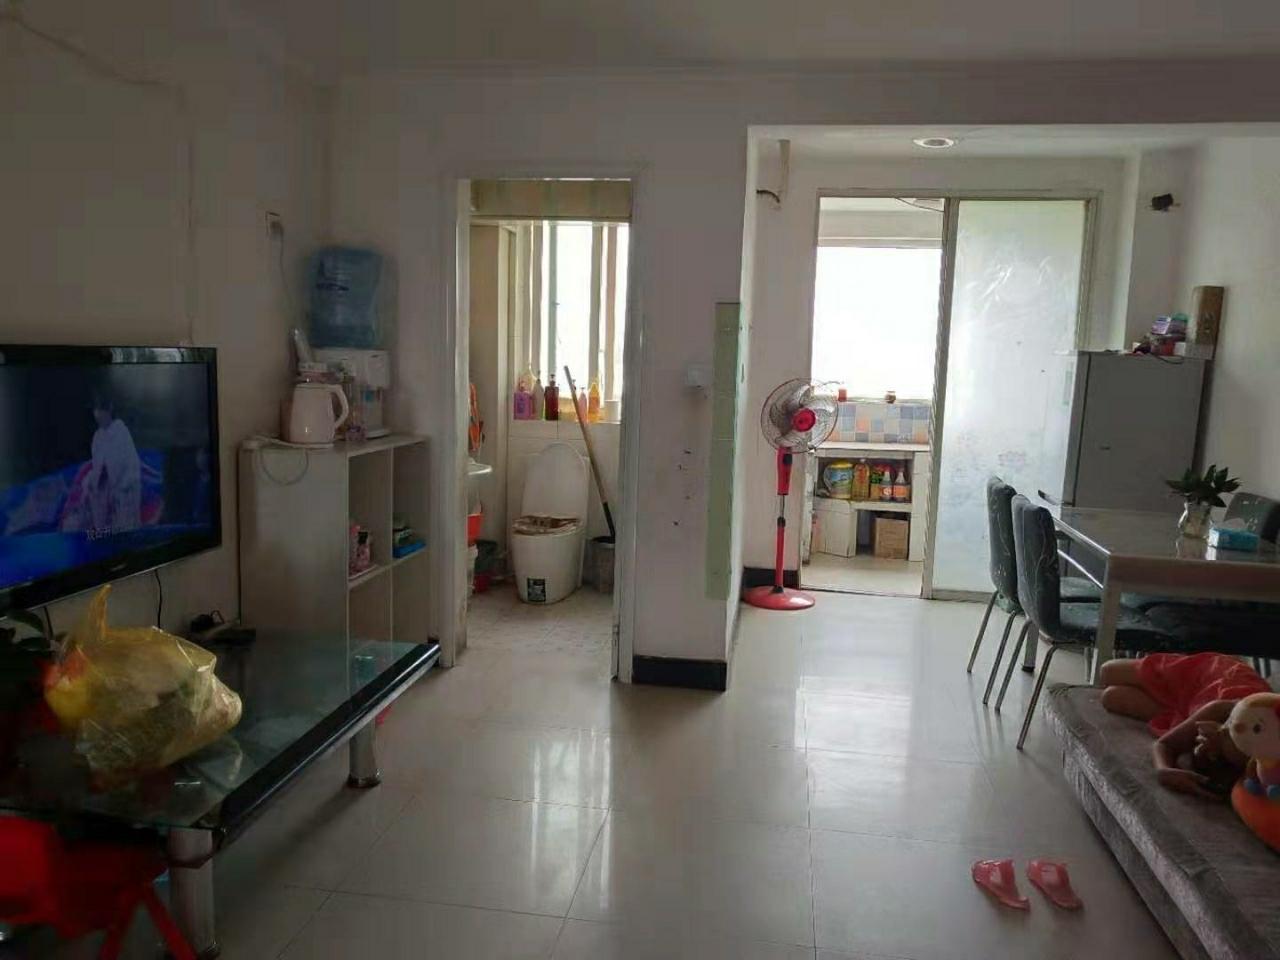 世纪新城2室 2厅 1卫学区房,首付低12万左右